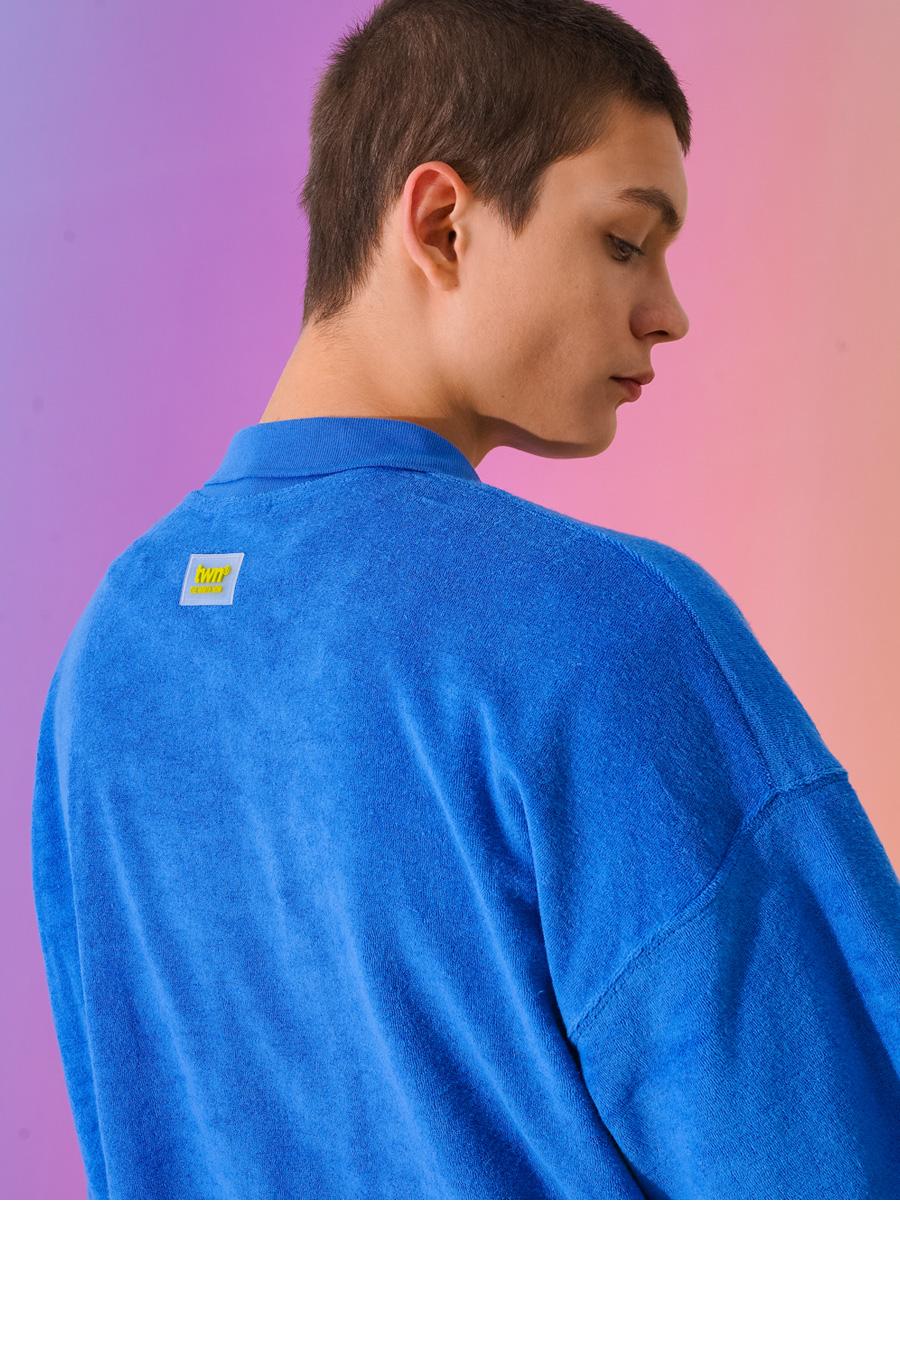 20200519_twn_fresh_sleeve_model_01_je_16.jpg